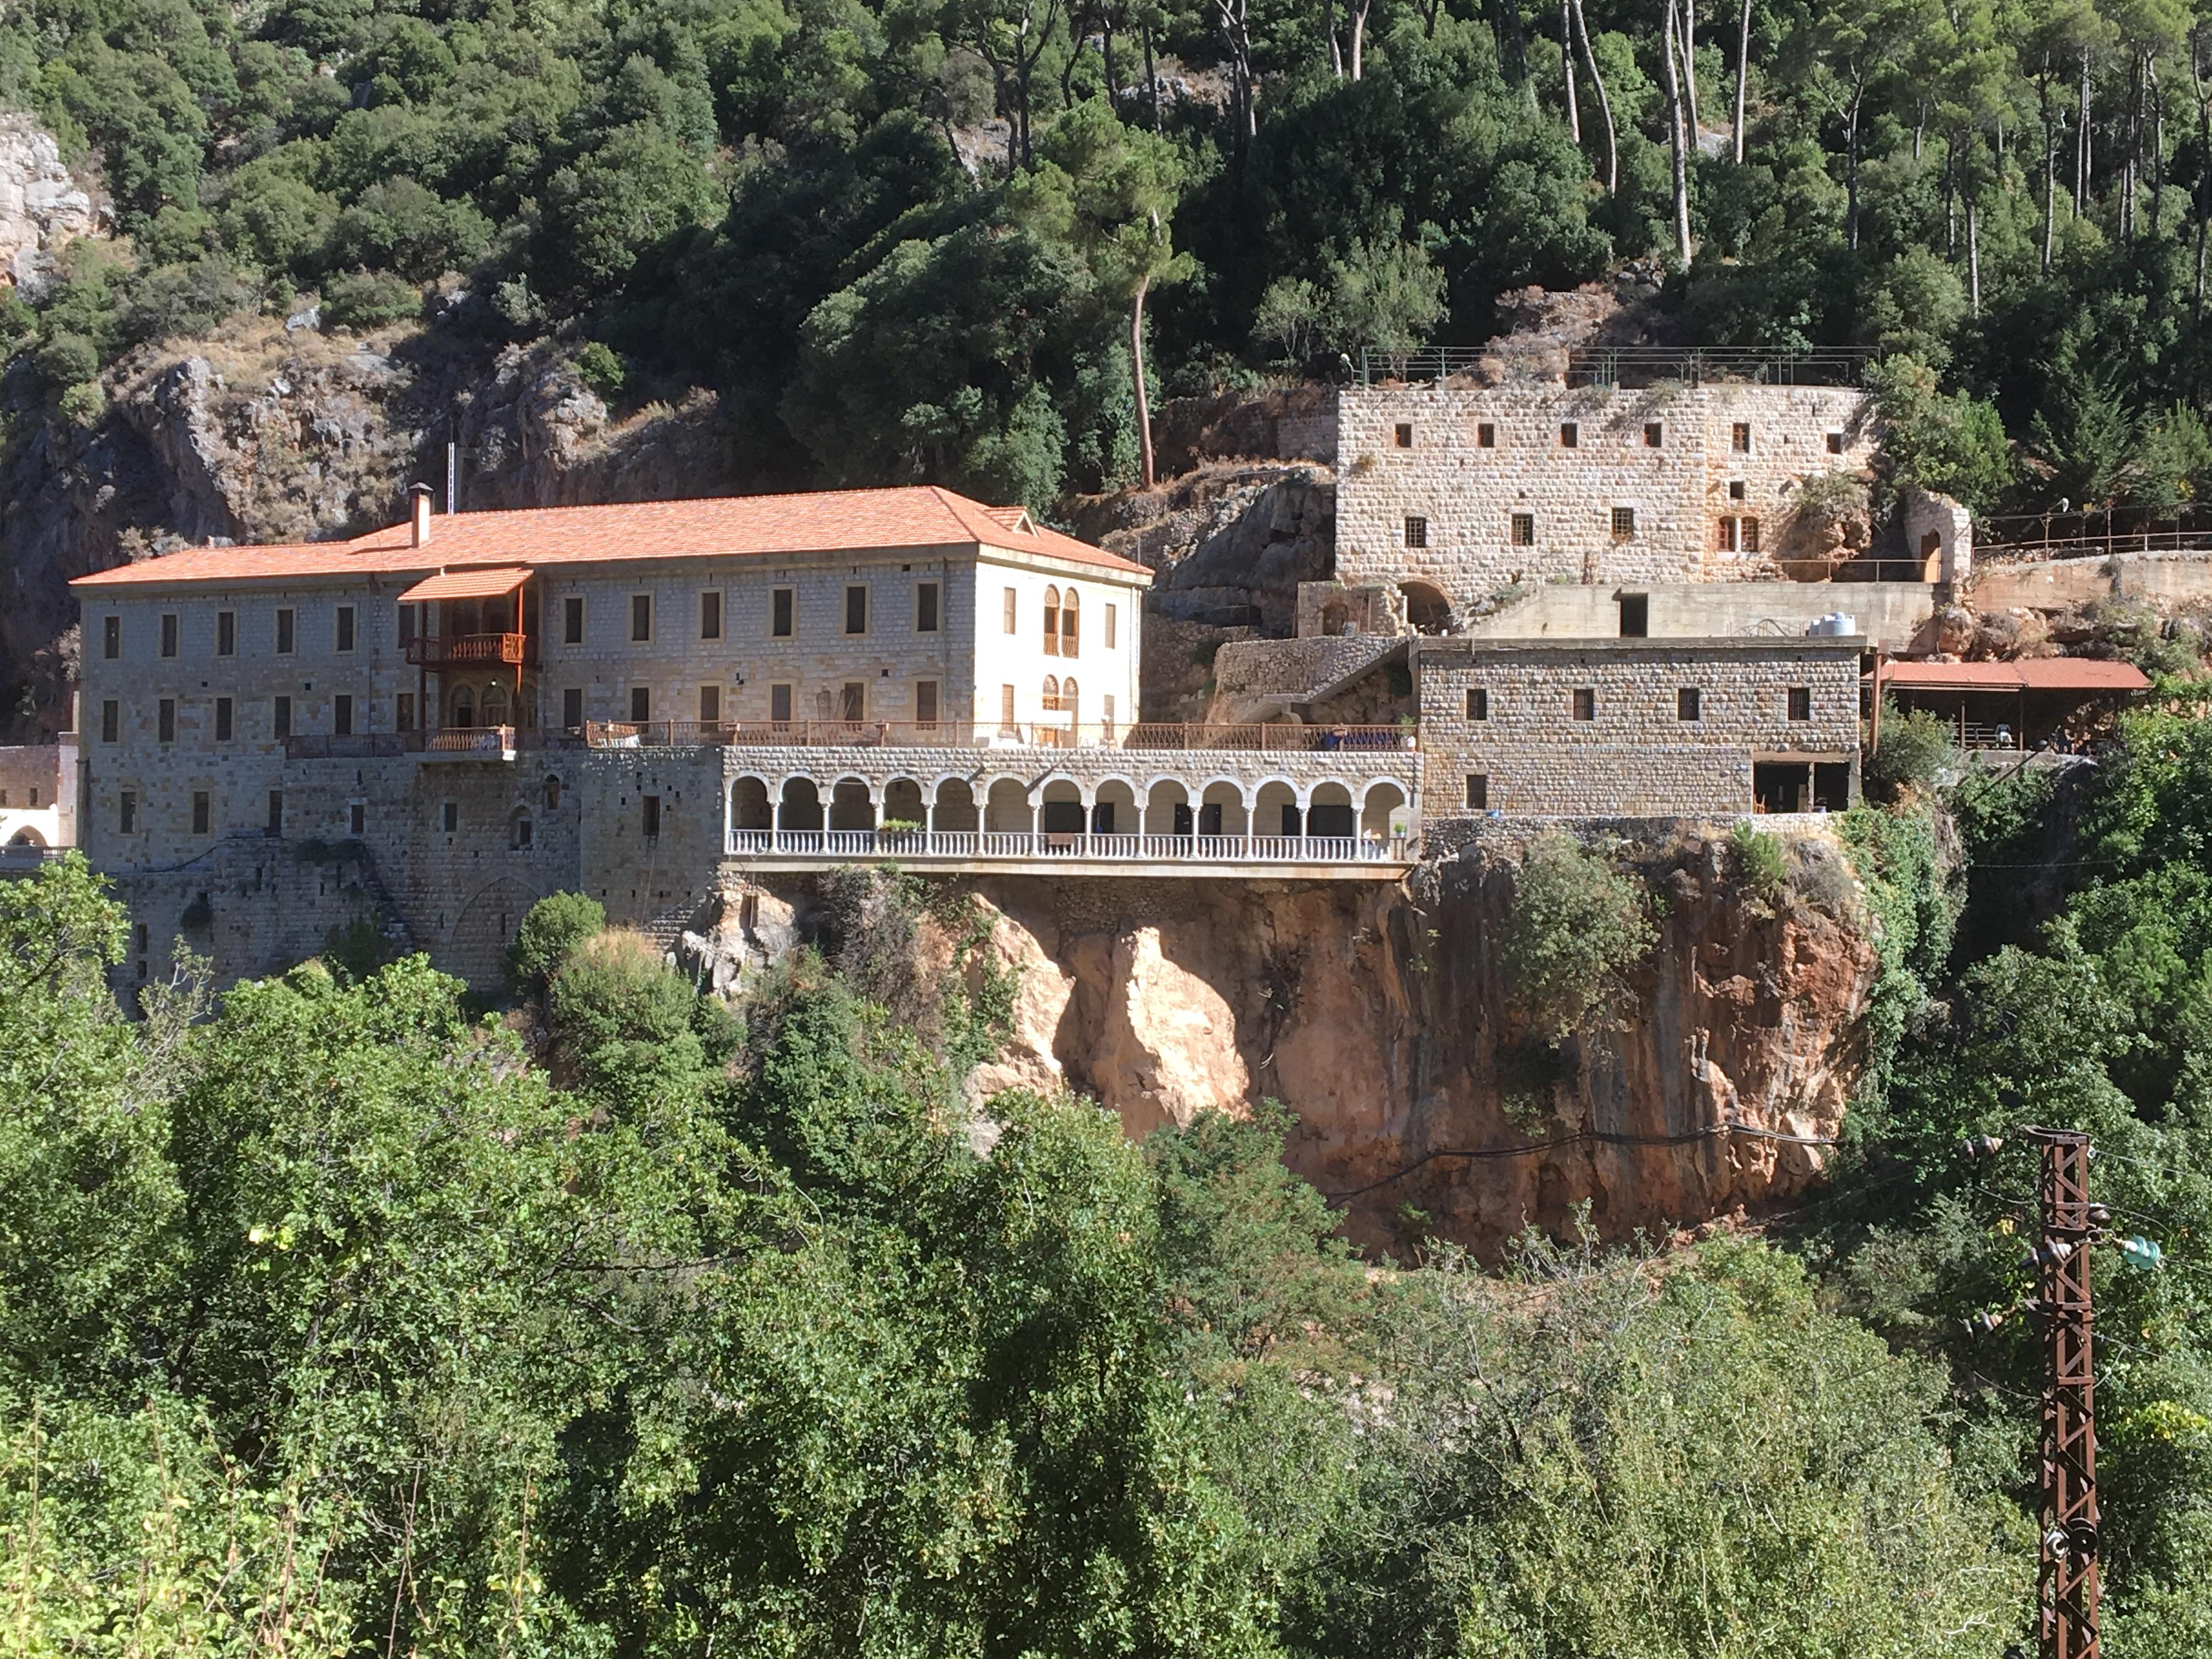 Entre el Convento de San Antonio Qozhaiya, en donde vive el ermitaño Youhana Khawand,  y Nuestra Señora de Hawqa, donde vive el ermitaño colombiano Darío Escobar, hay horas y horas de marcha continua.